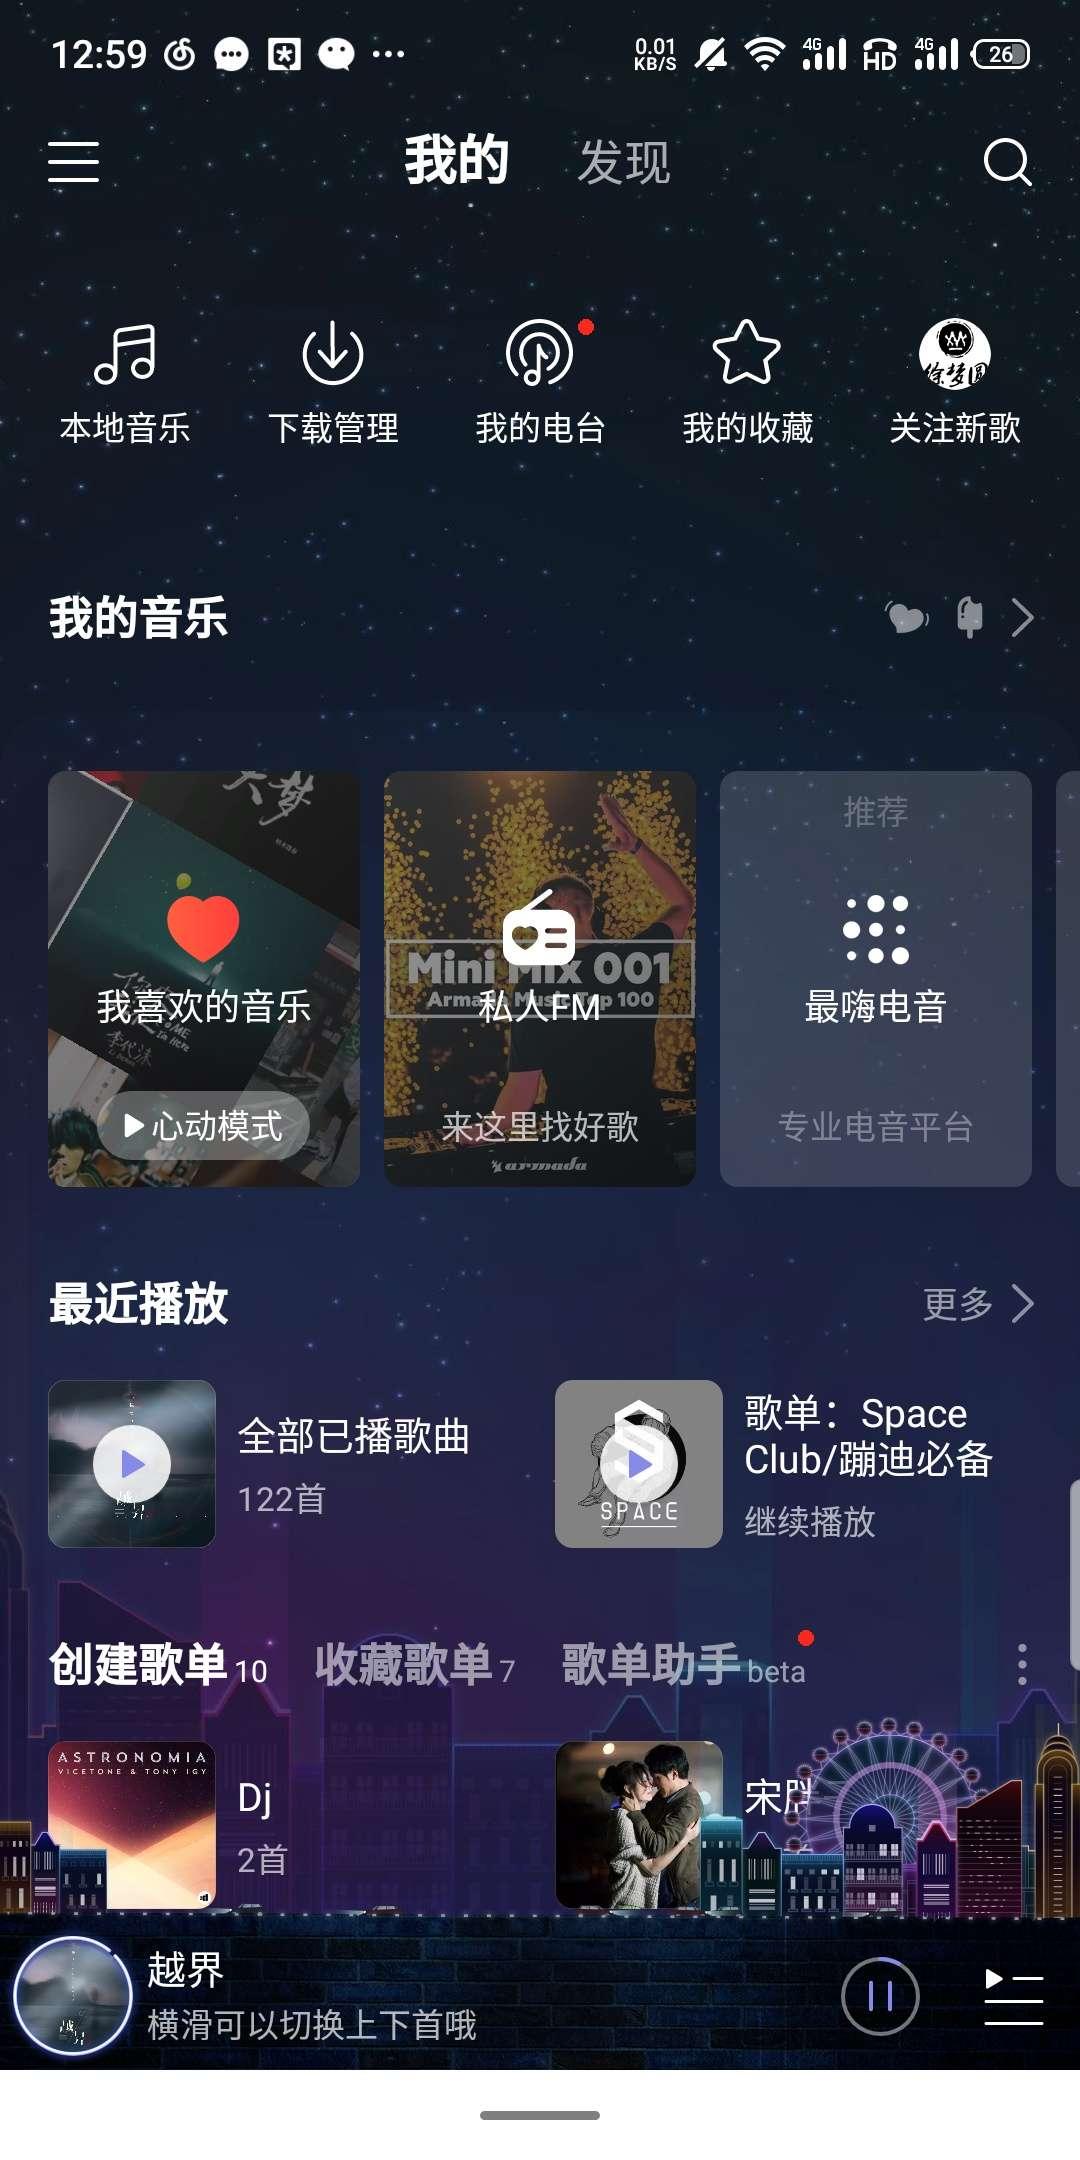 【分享】网易云黑椒加强版_7.0.10最新首_解锁会员功能